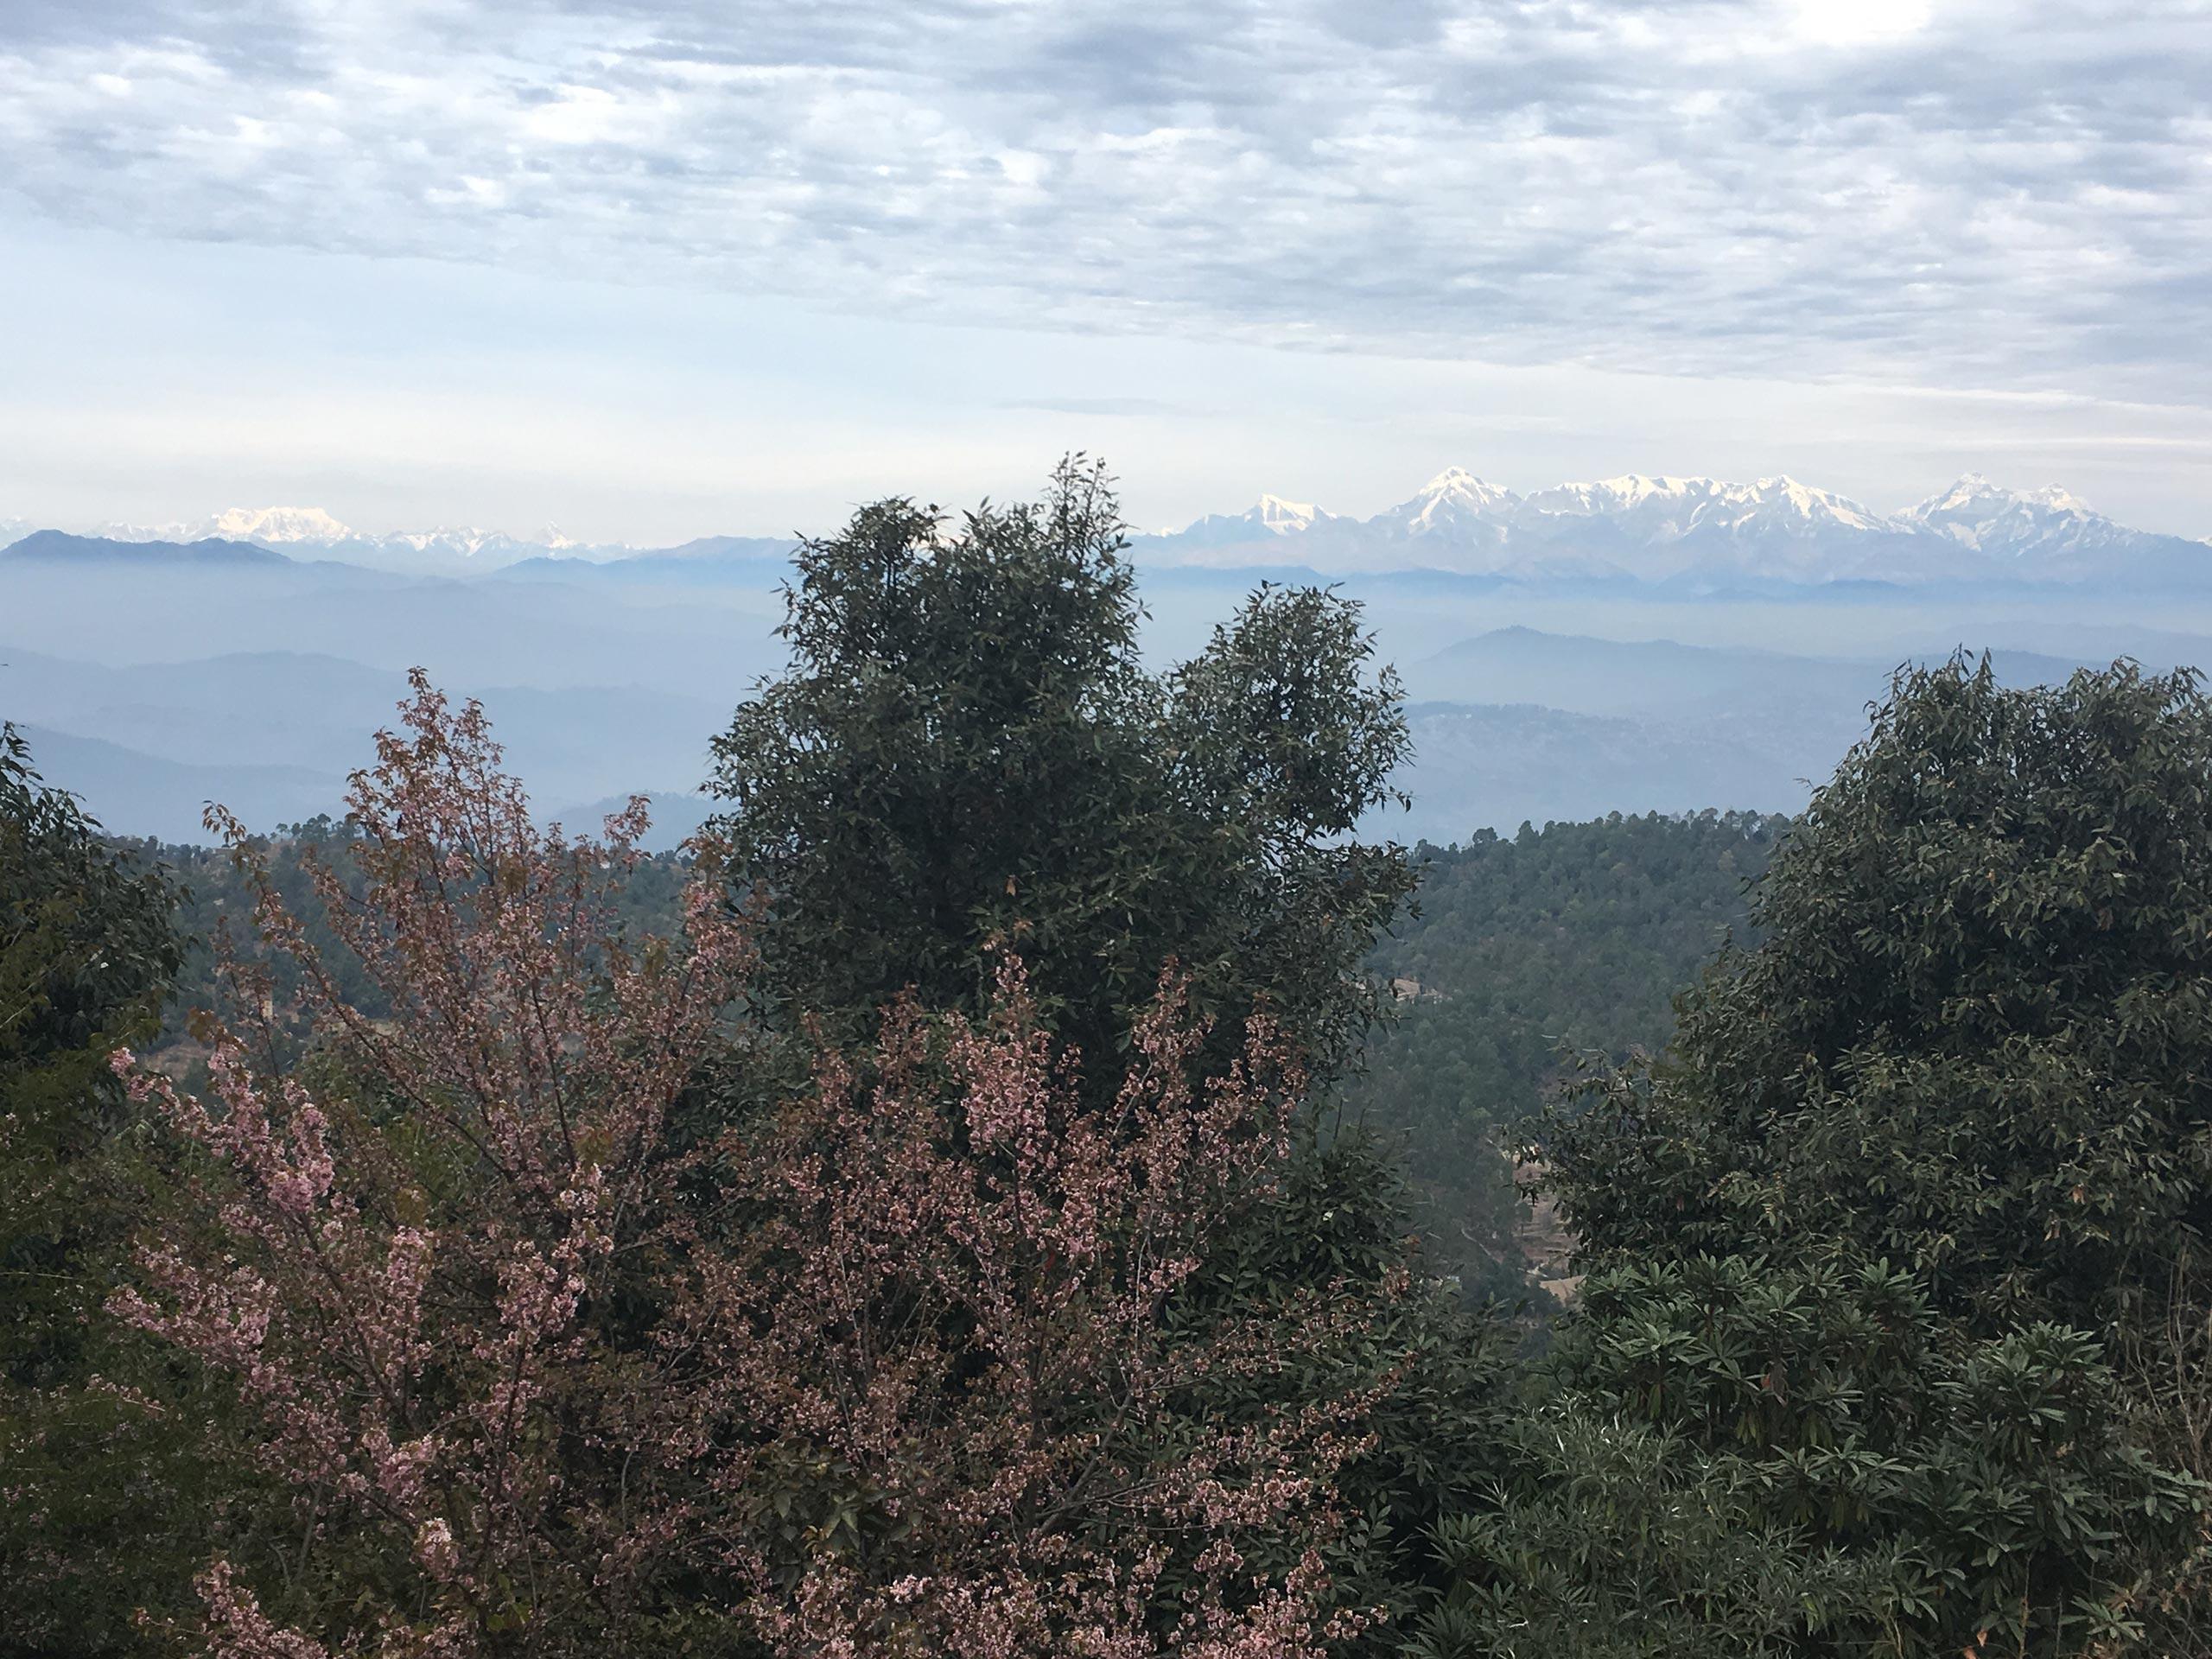 Mountain home Nanda Devi view Uttarakhand